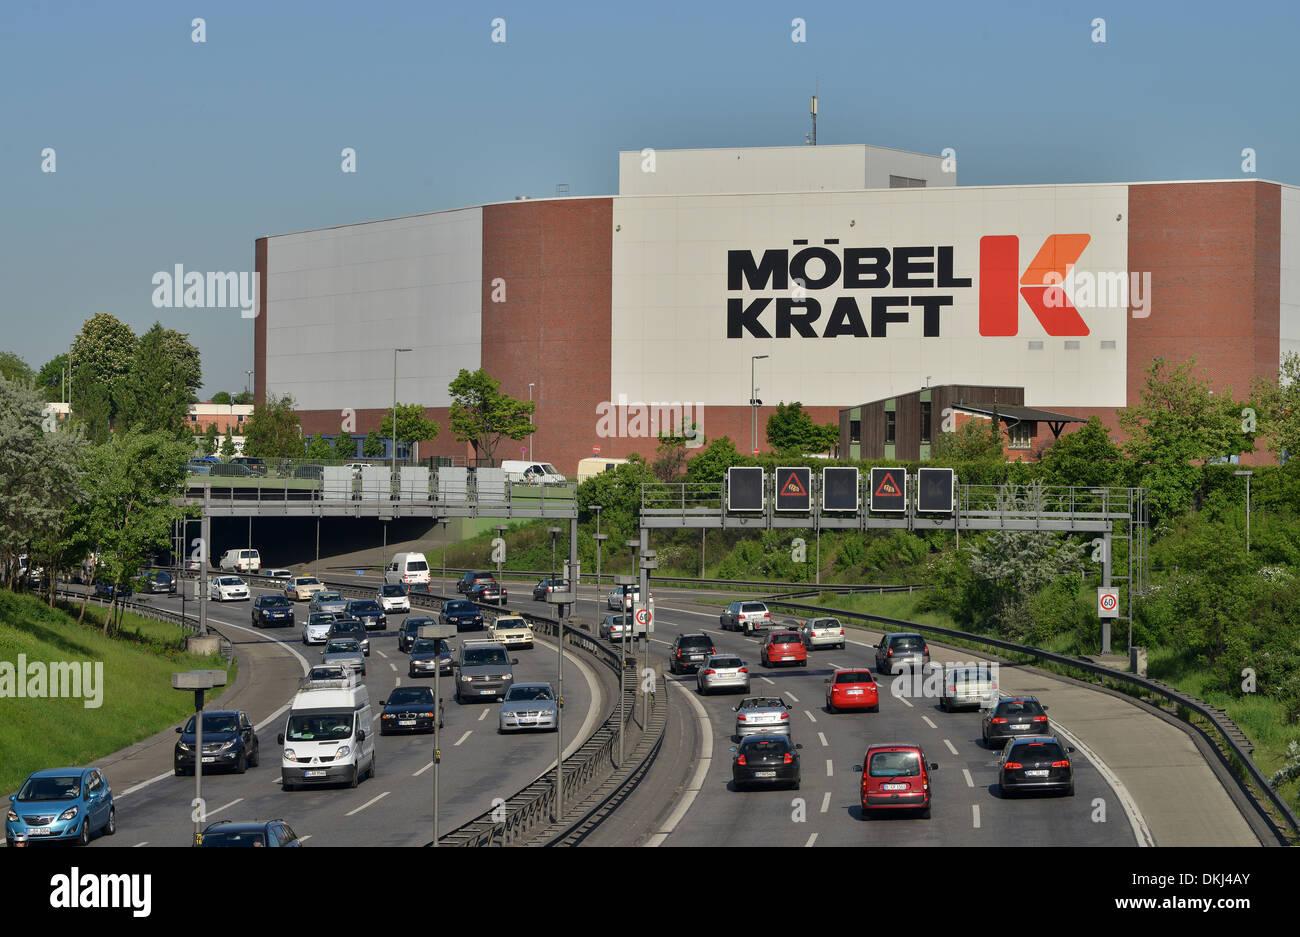 Eye Catching Möbelhäuser In Berlin Ideas Of Stadtautobahn A 100, Kraft, , Sachsendamm, Schöneberg,